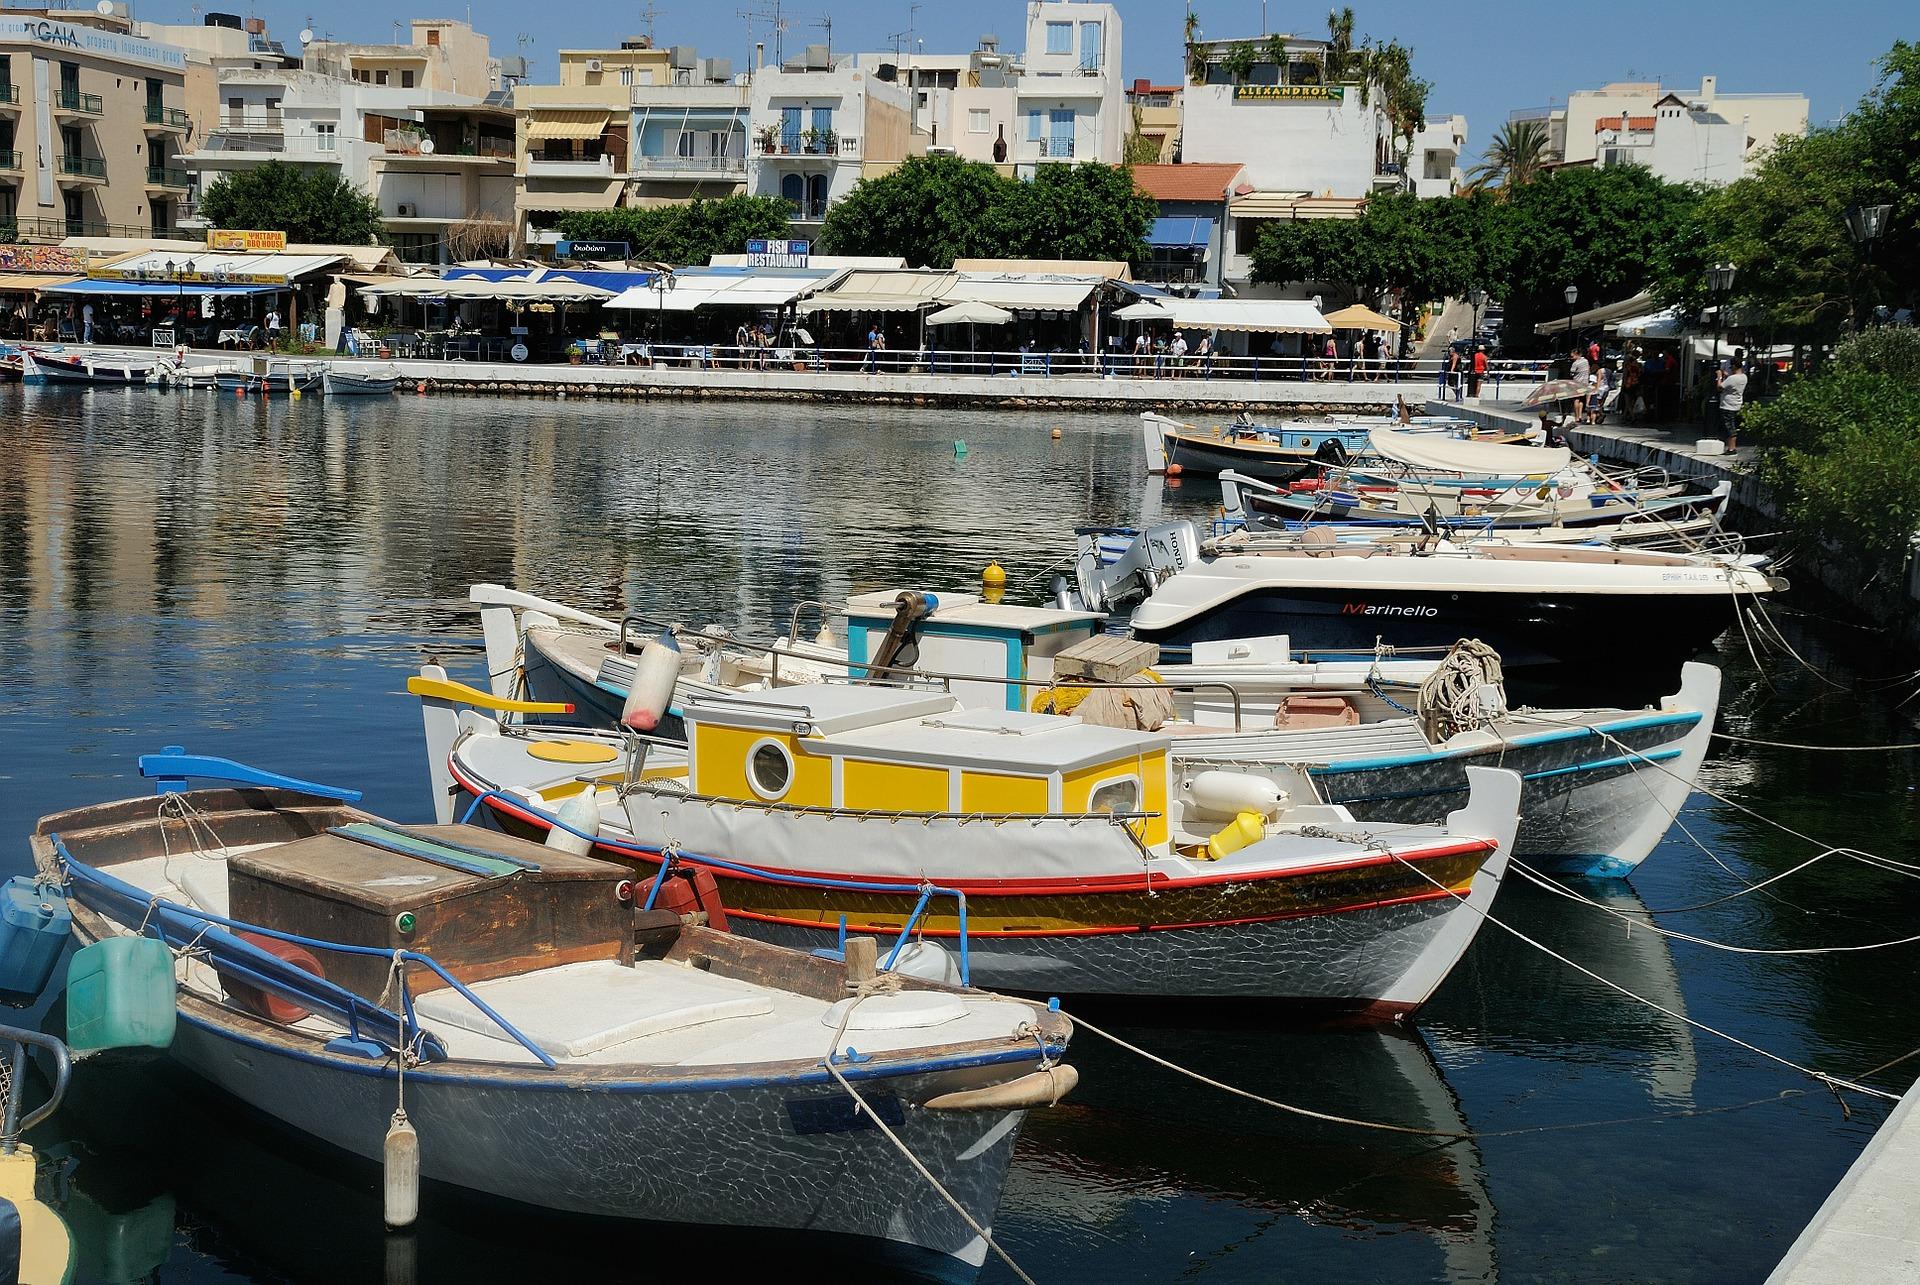 Travel to Agios Nikolaos, Lasithi, Crete, Greece